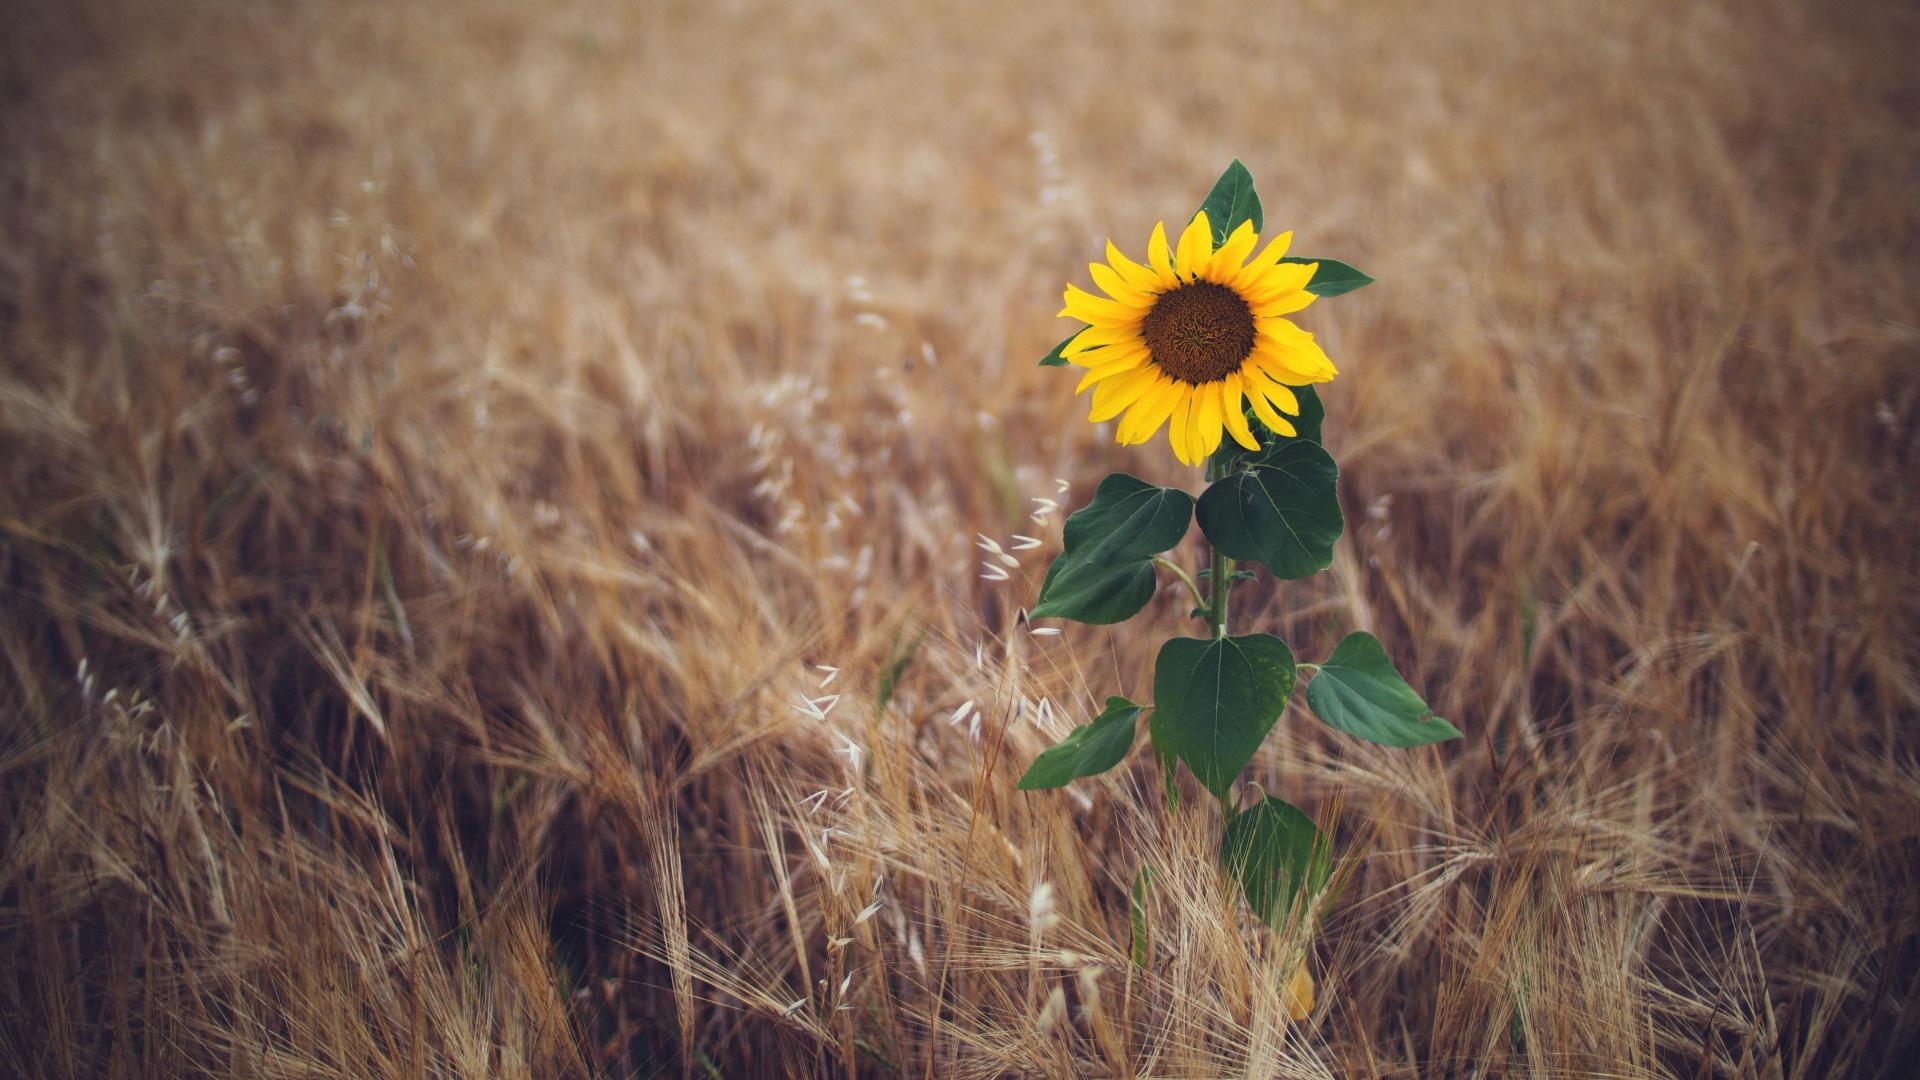 Sunflower 1920x1080 wallpaper